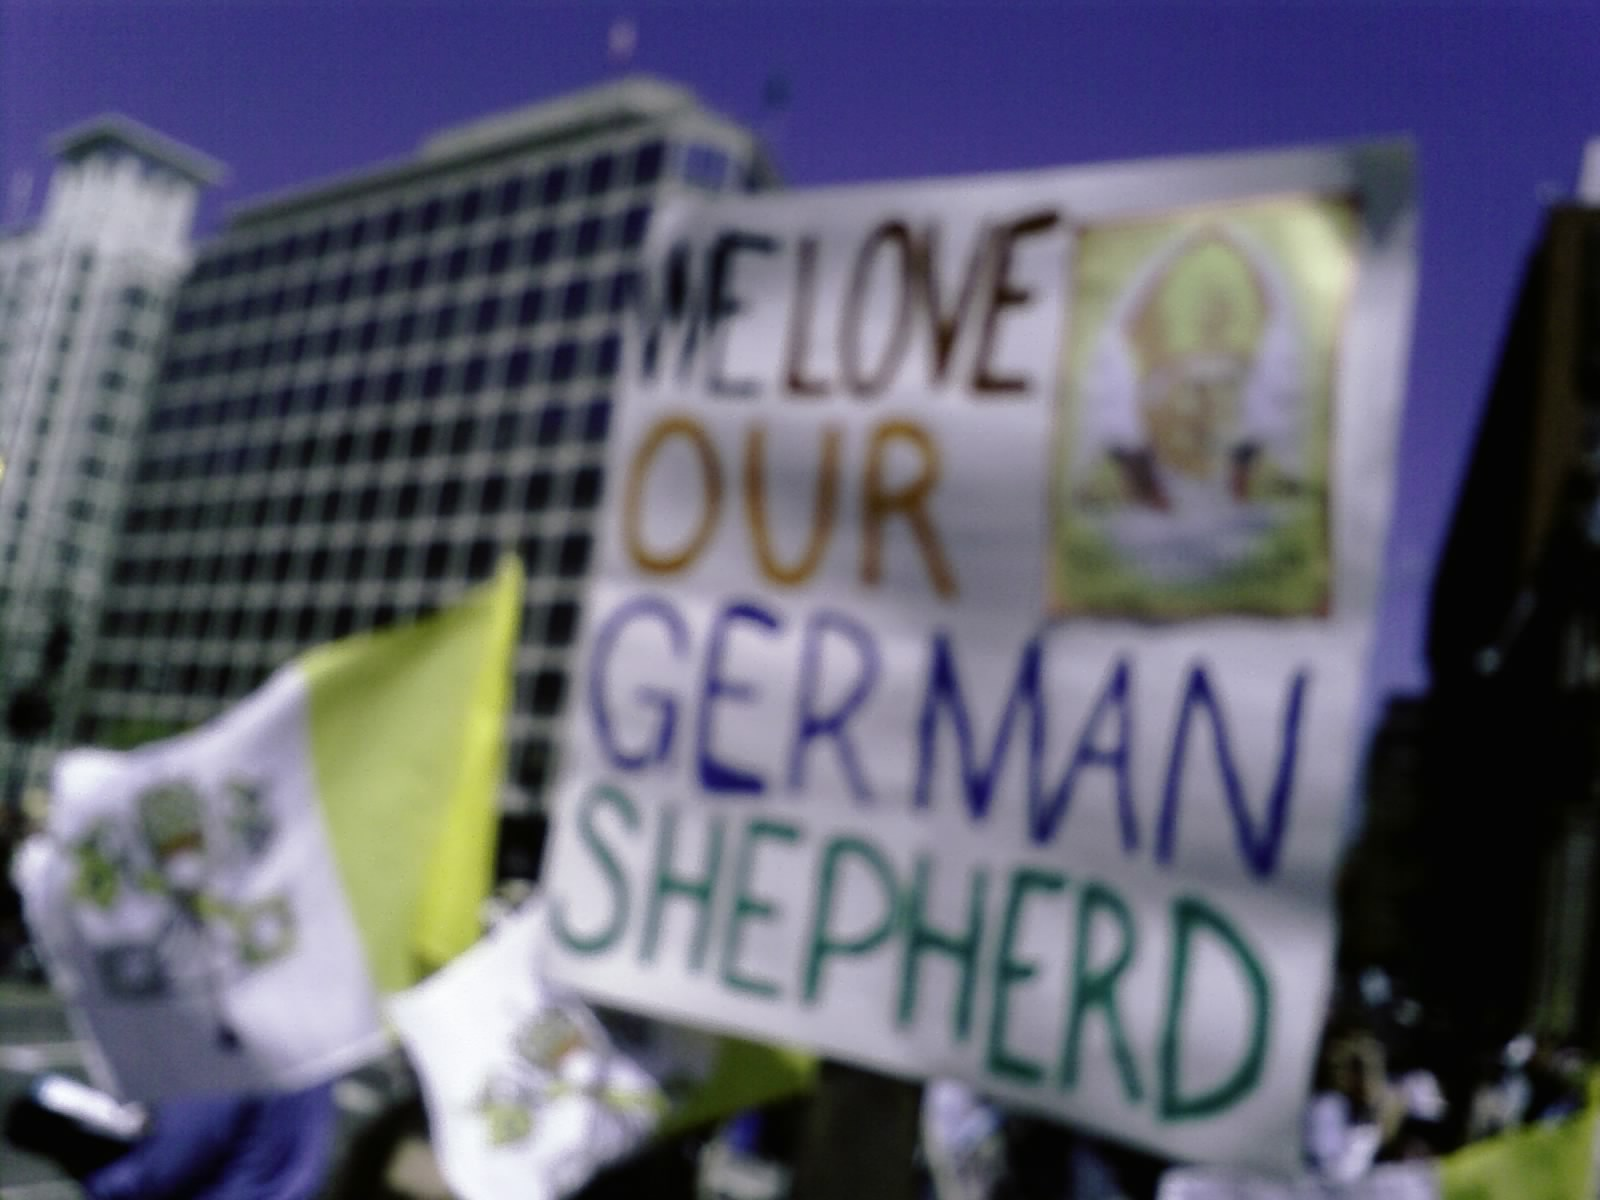 Pope Benedict Welcome German Shepherd Photo